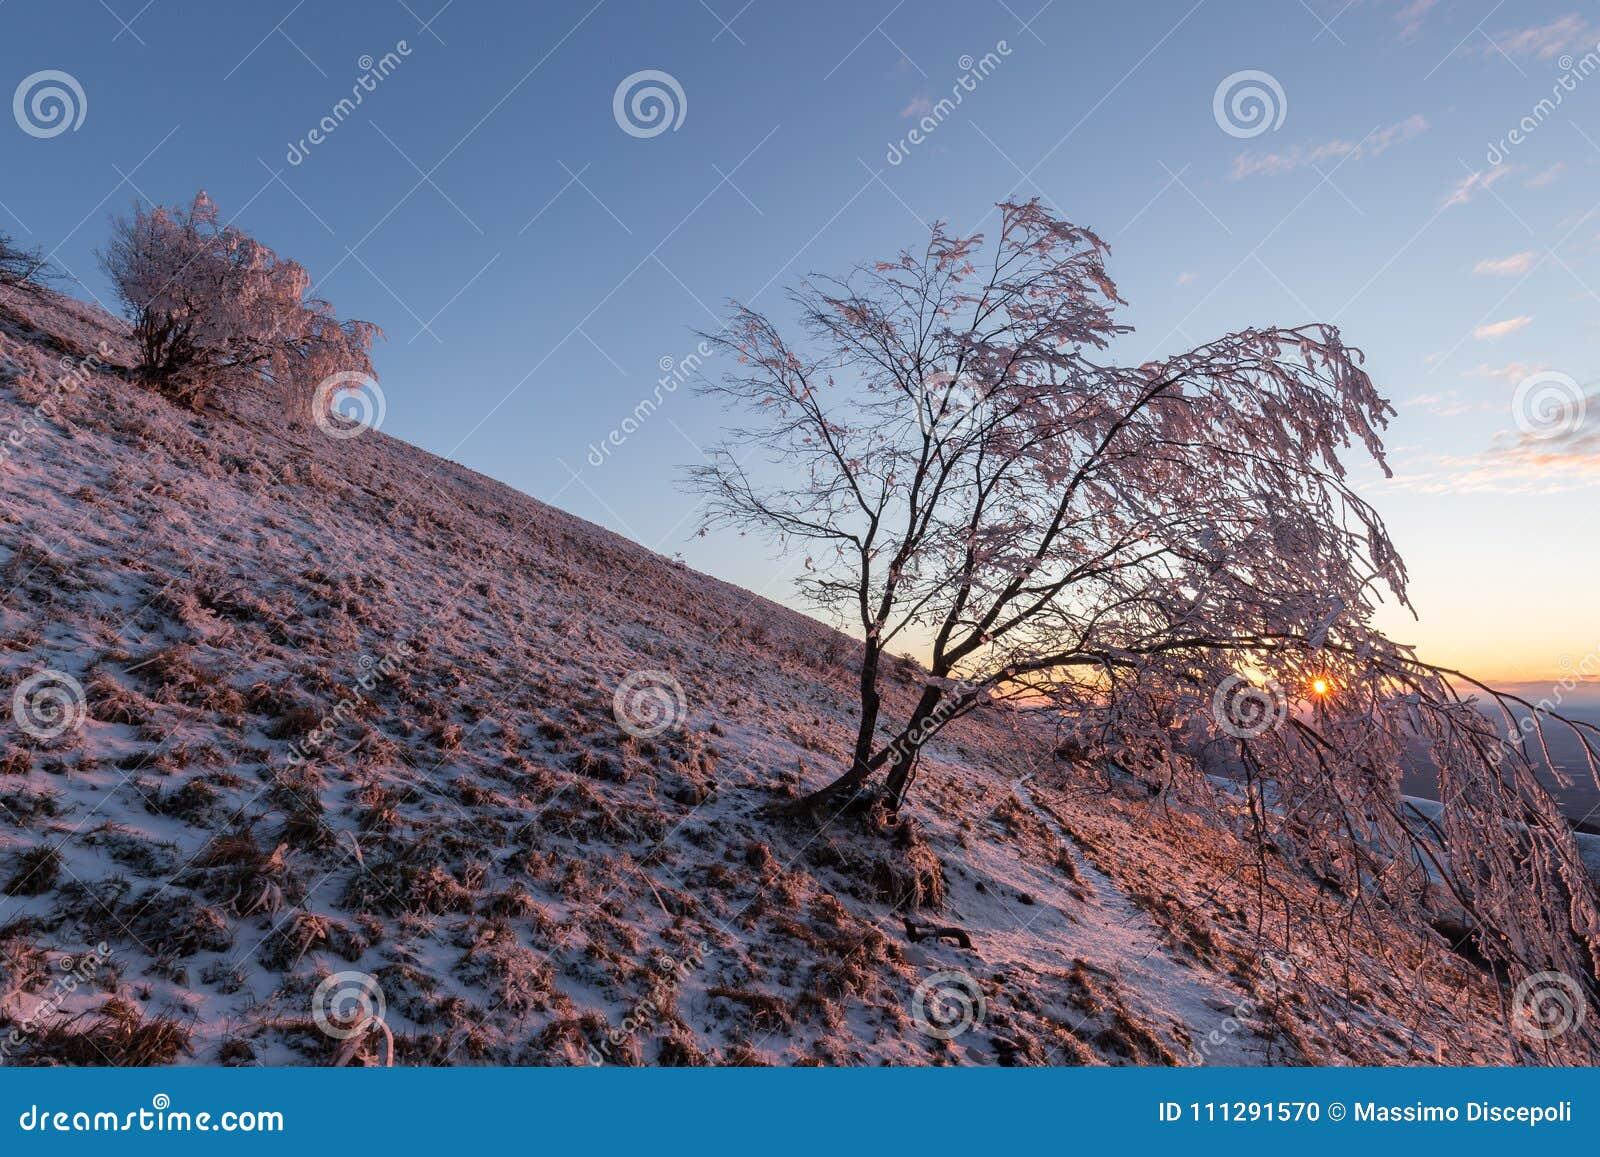 Mooie zonsondergang op een berg, met sneeuw die de grond, vorst op de takken van bomen en warme lichte bezinningen behandelen